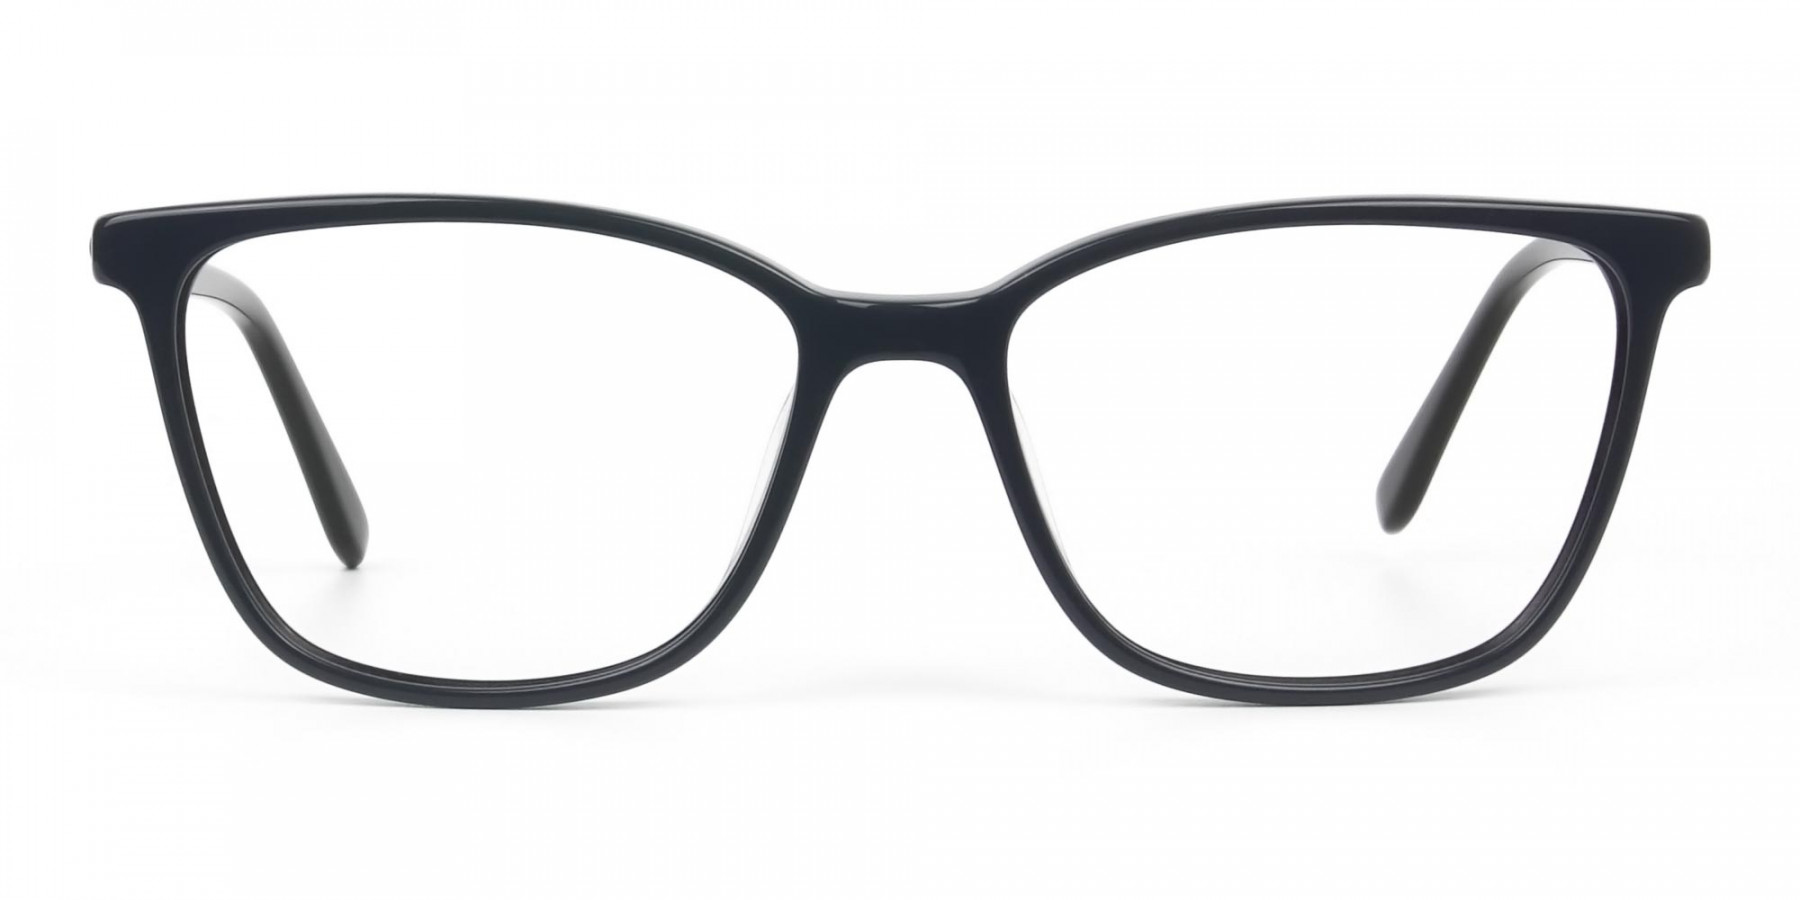 Acetate Classic Blue Spectacles in Rectangular - 1